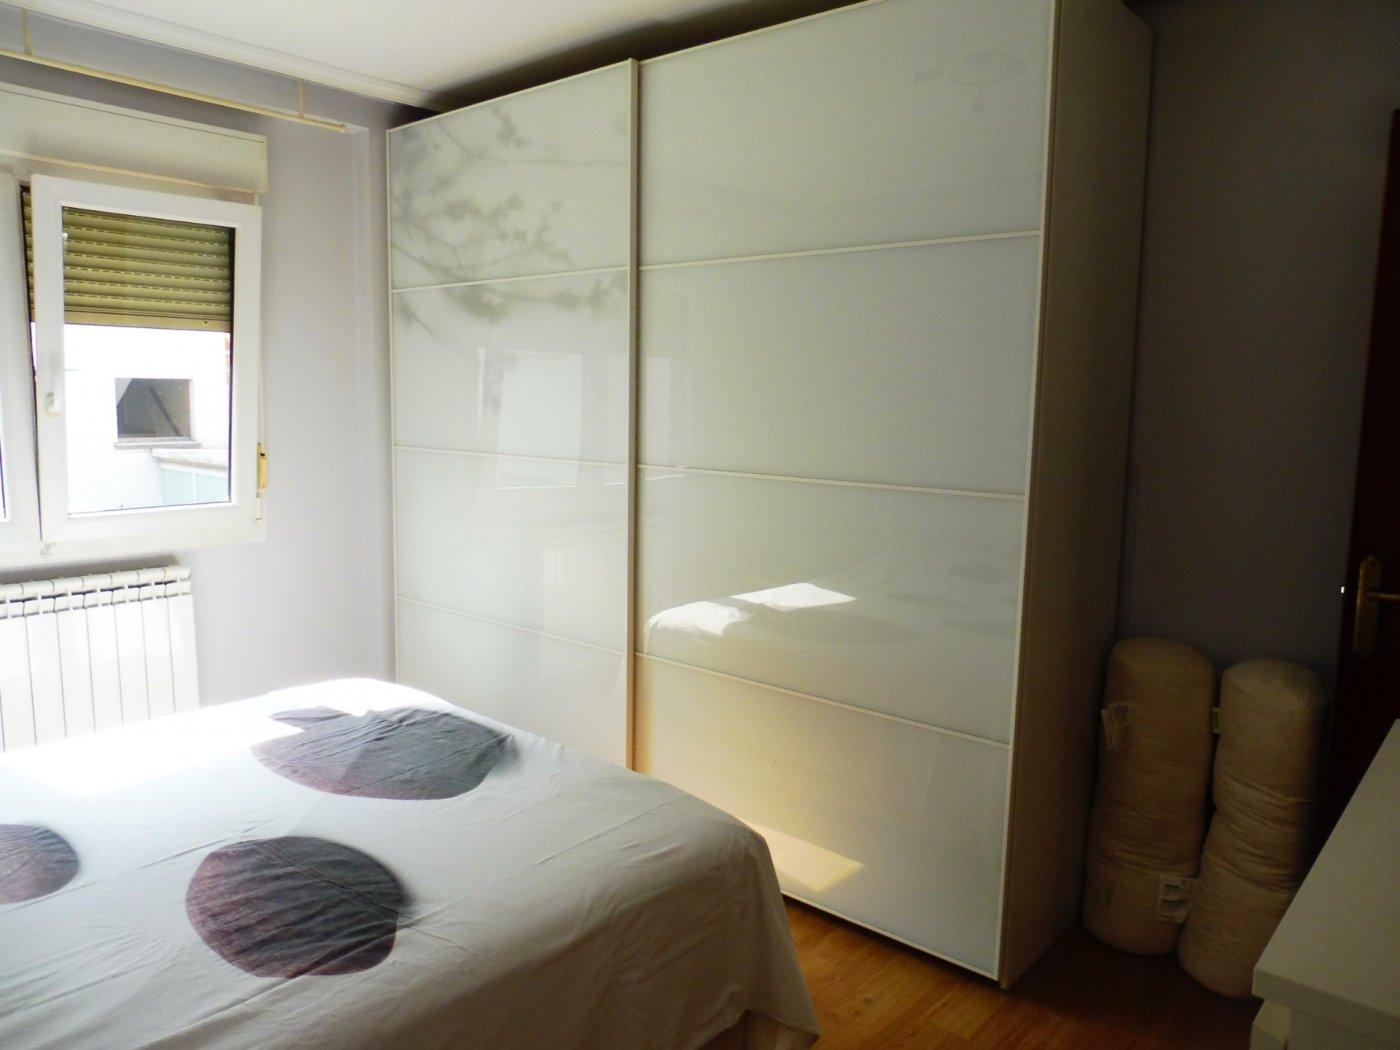 Amplio piso enfrente del centro de salud de perchera en nuevo gijón - imagenInmueble15